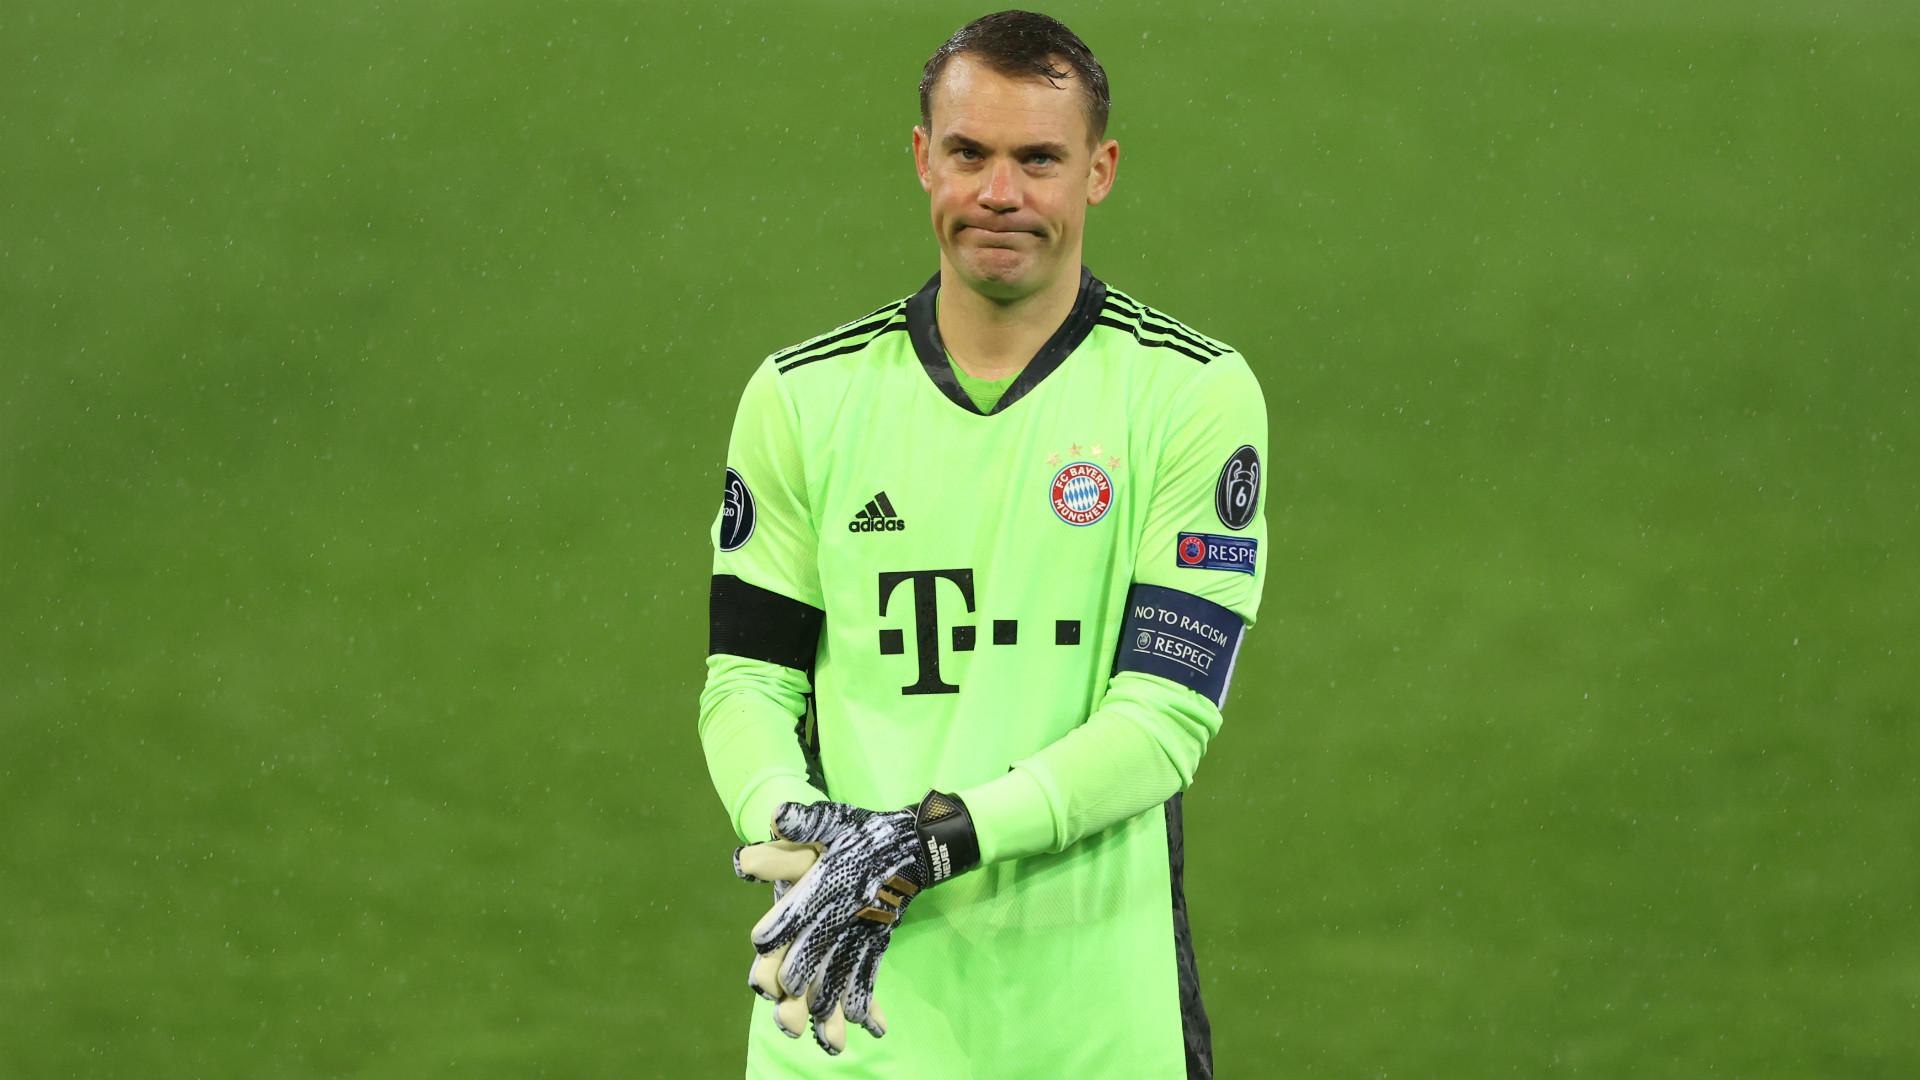 Fc Bayern Manuel Neuer Spricht Uber Karriereende Ich Mochte Mich Nicht Kaputt Machen Goal Com